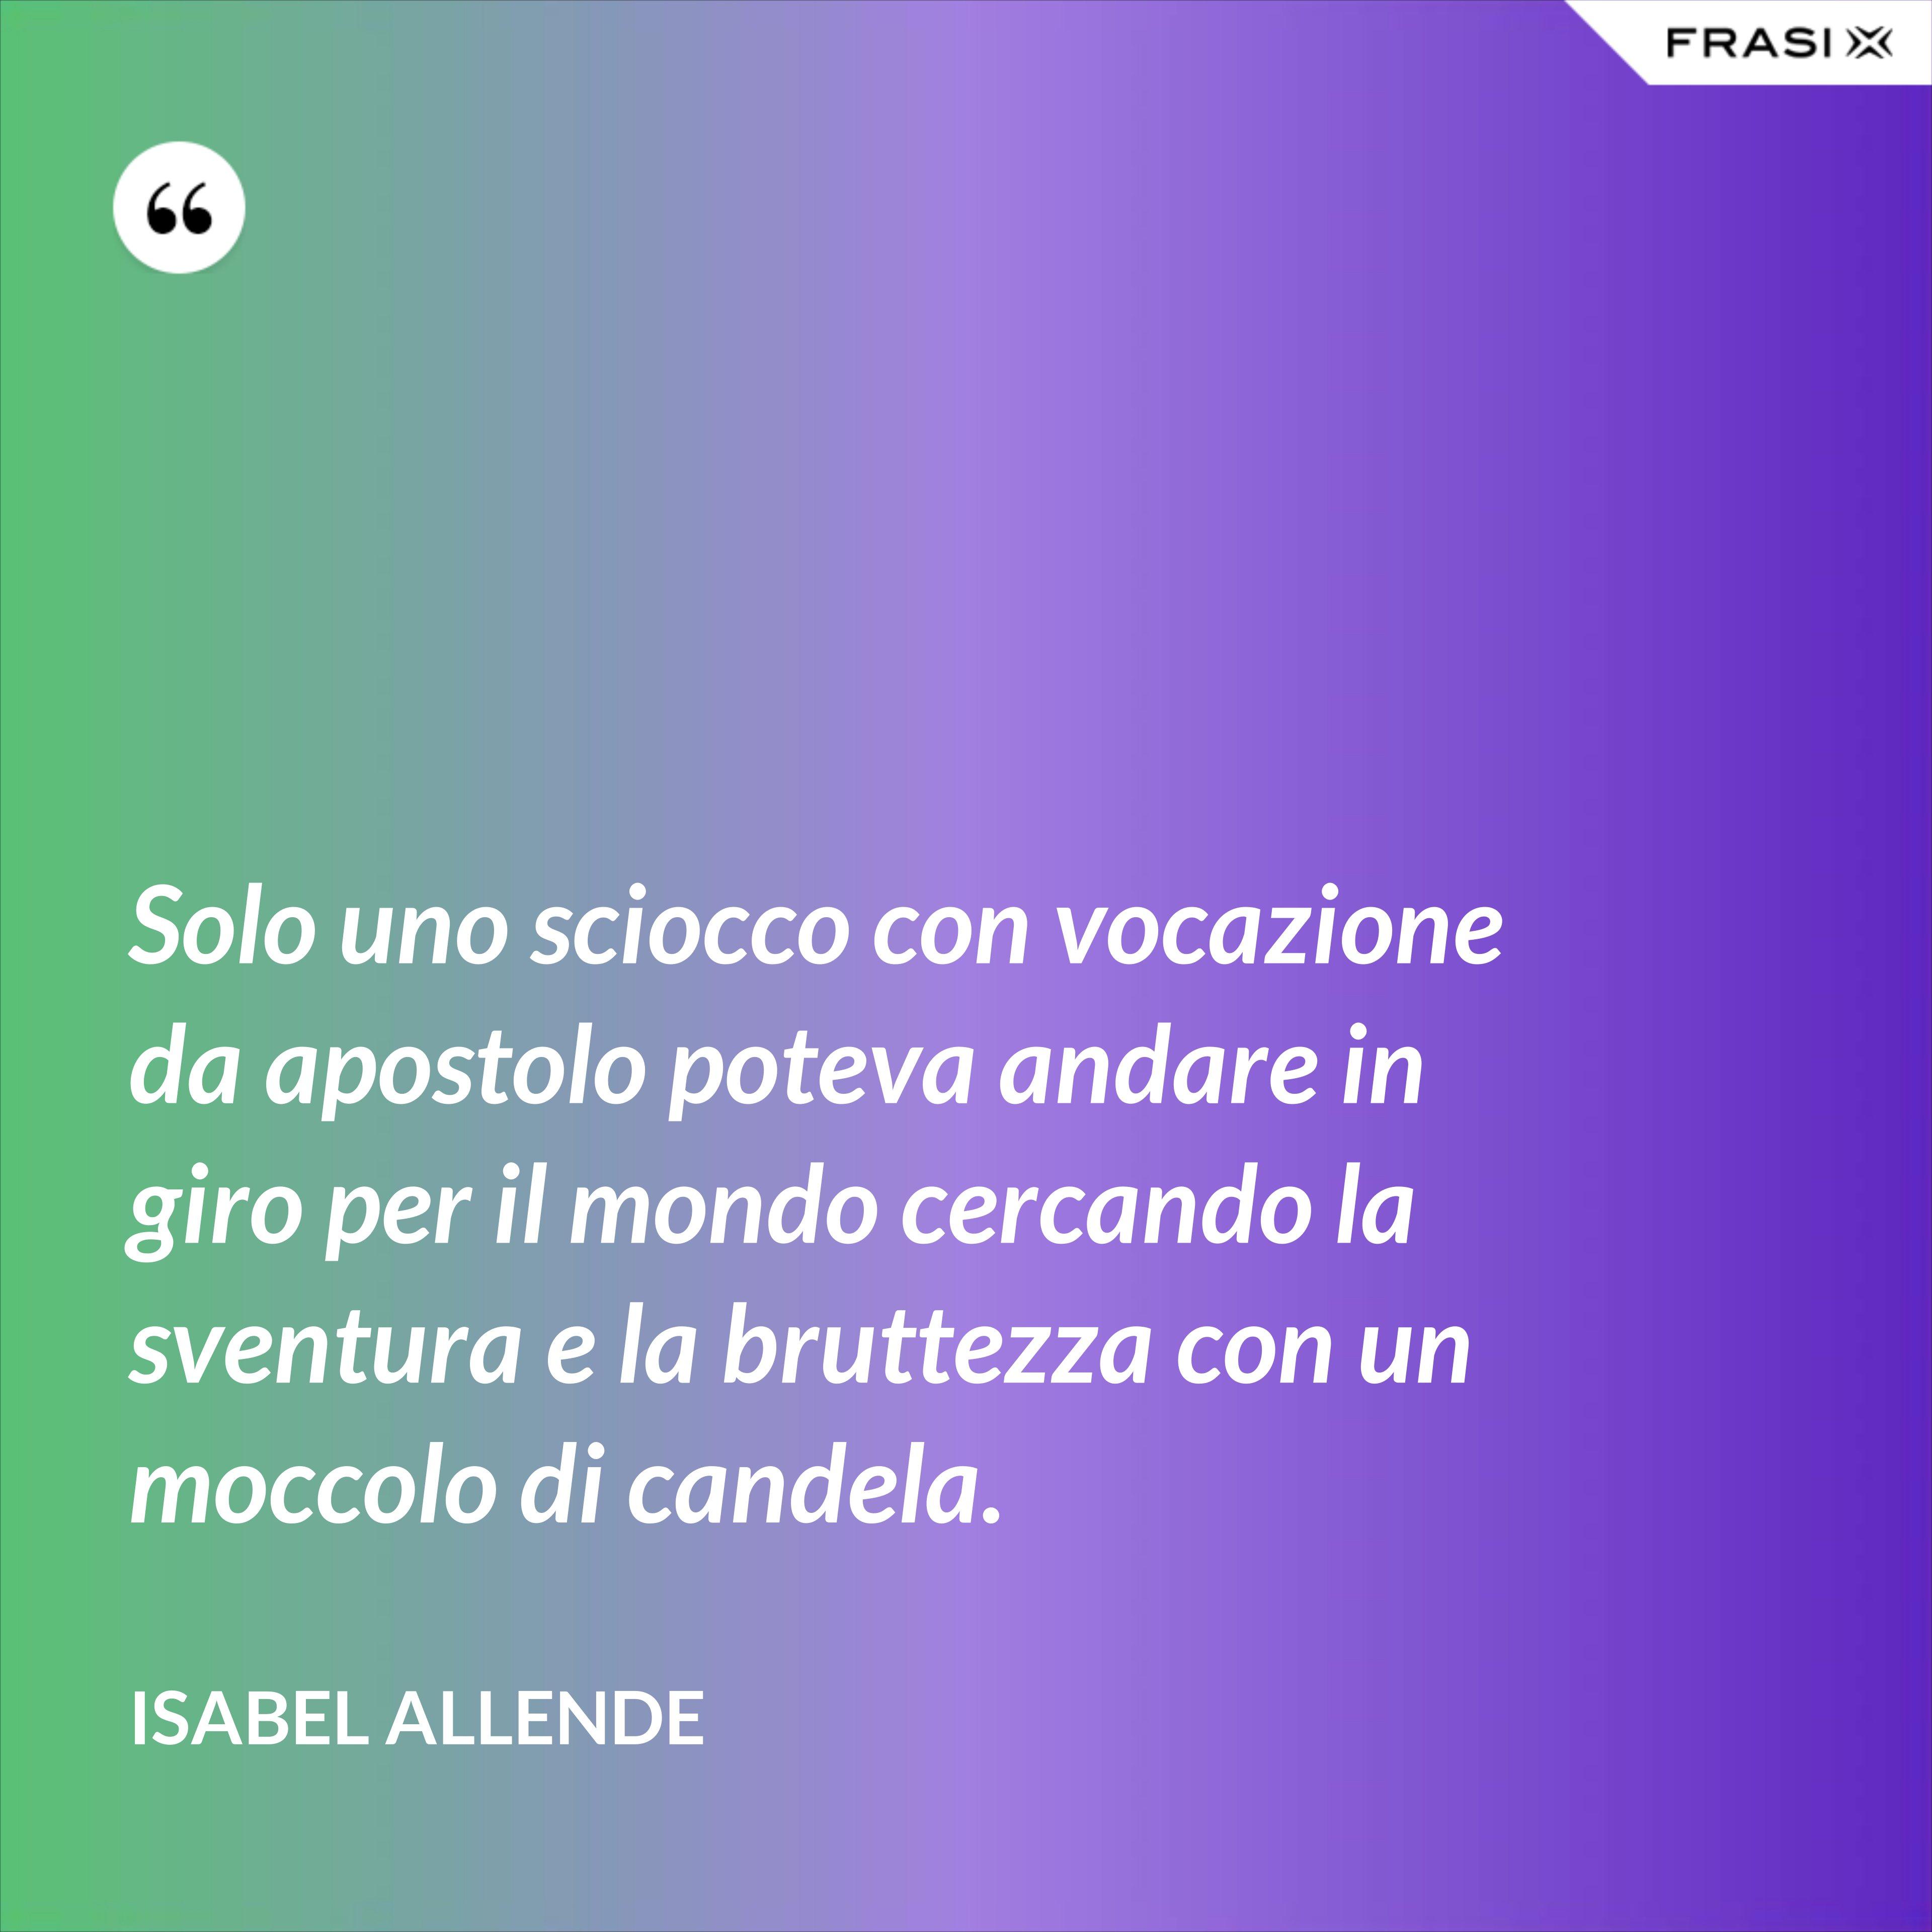 Solo uno sciocco con vocazione da apostolo poteva andare in giro per il mondo cercando la sventura e la bruttezza con un moccolo di candela. - Isabel Allende